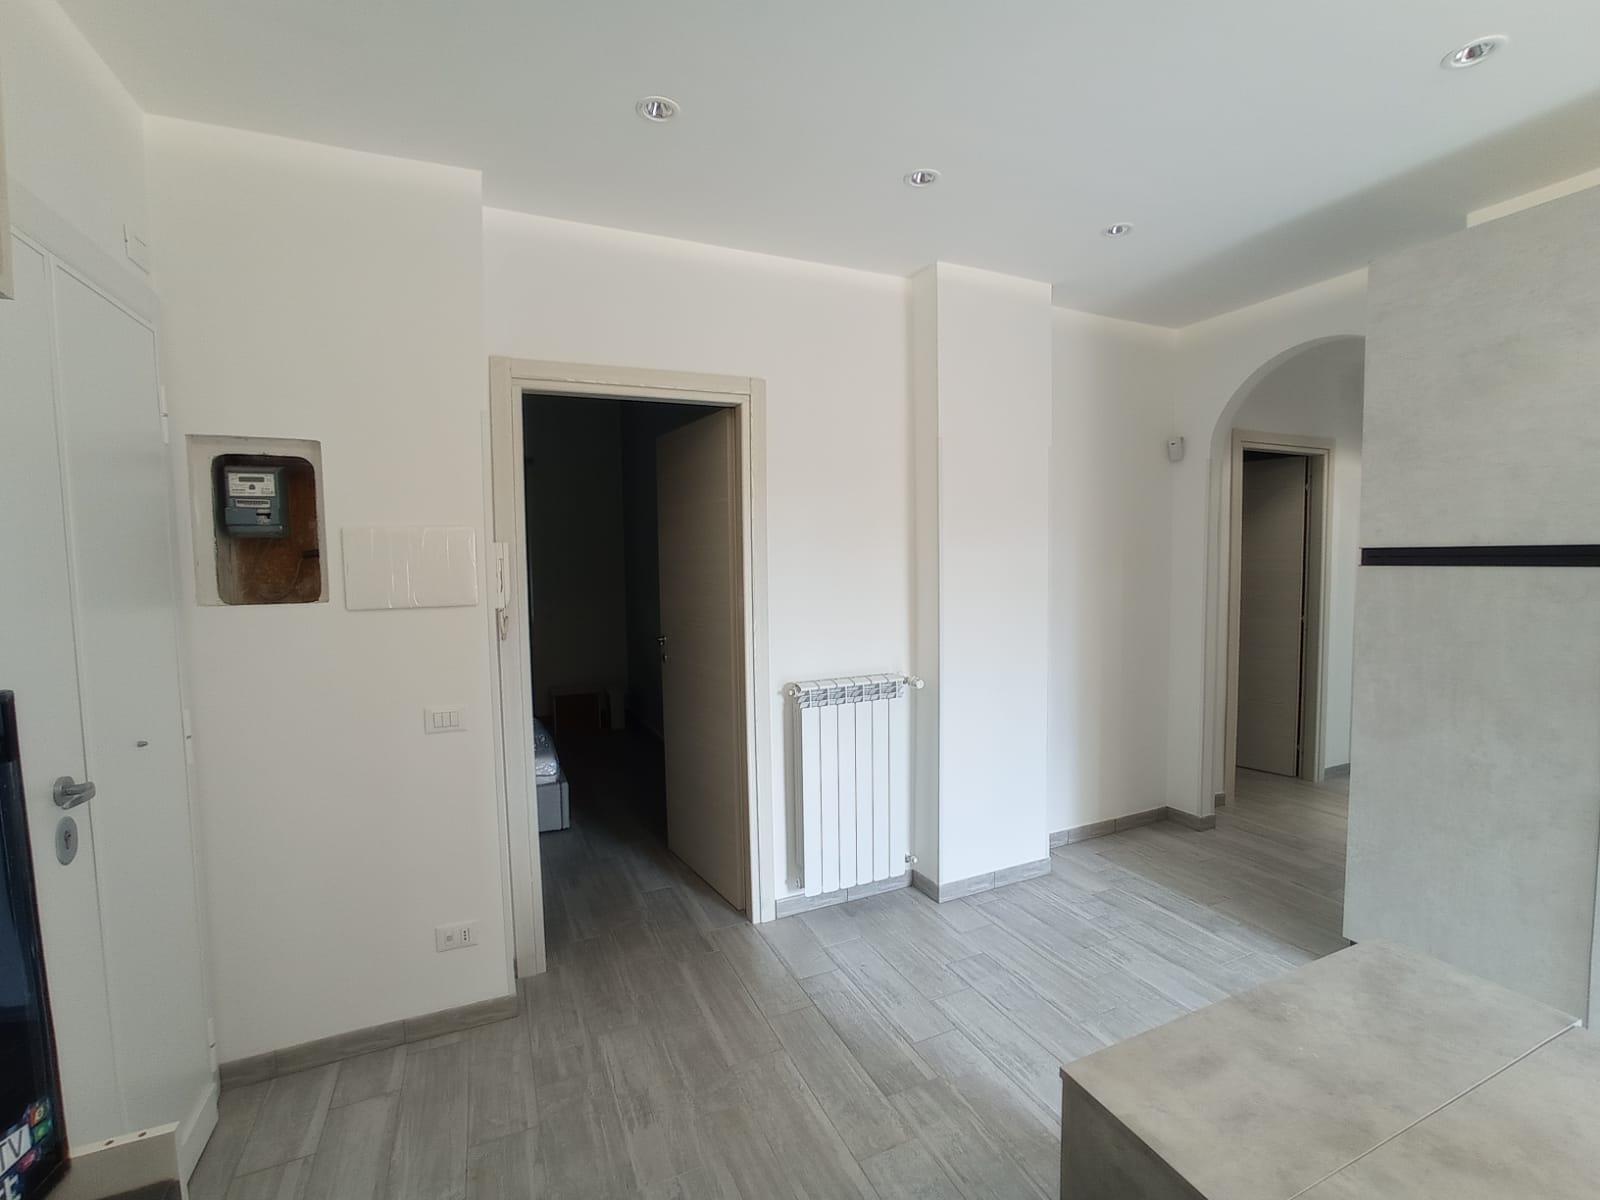 Ristrutturazione appartamenti Roma chiavi in mano - ditta ristrutturazioni roma - ristrutturazione appartamento Roma